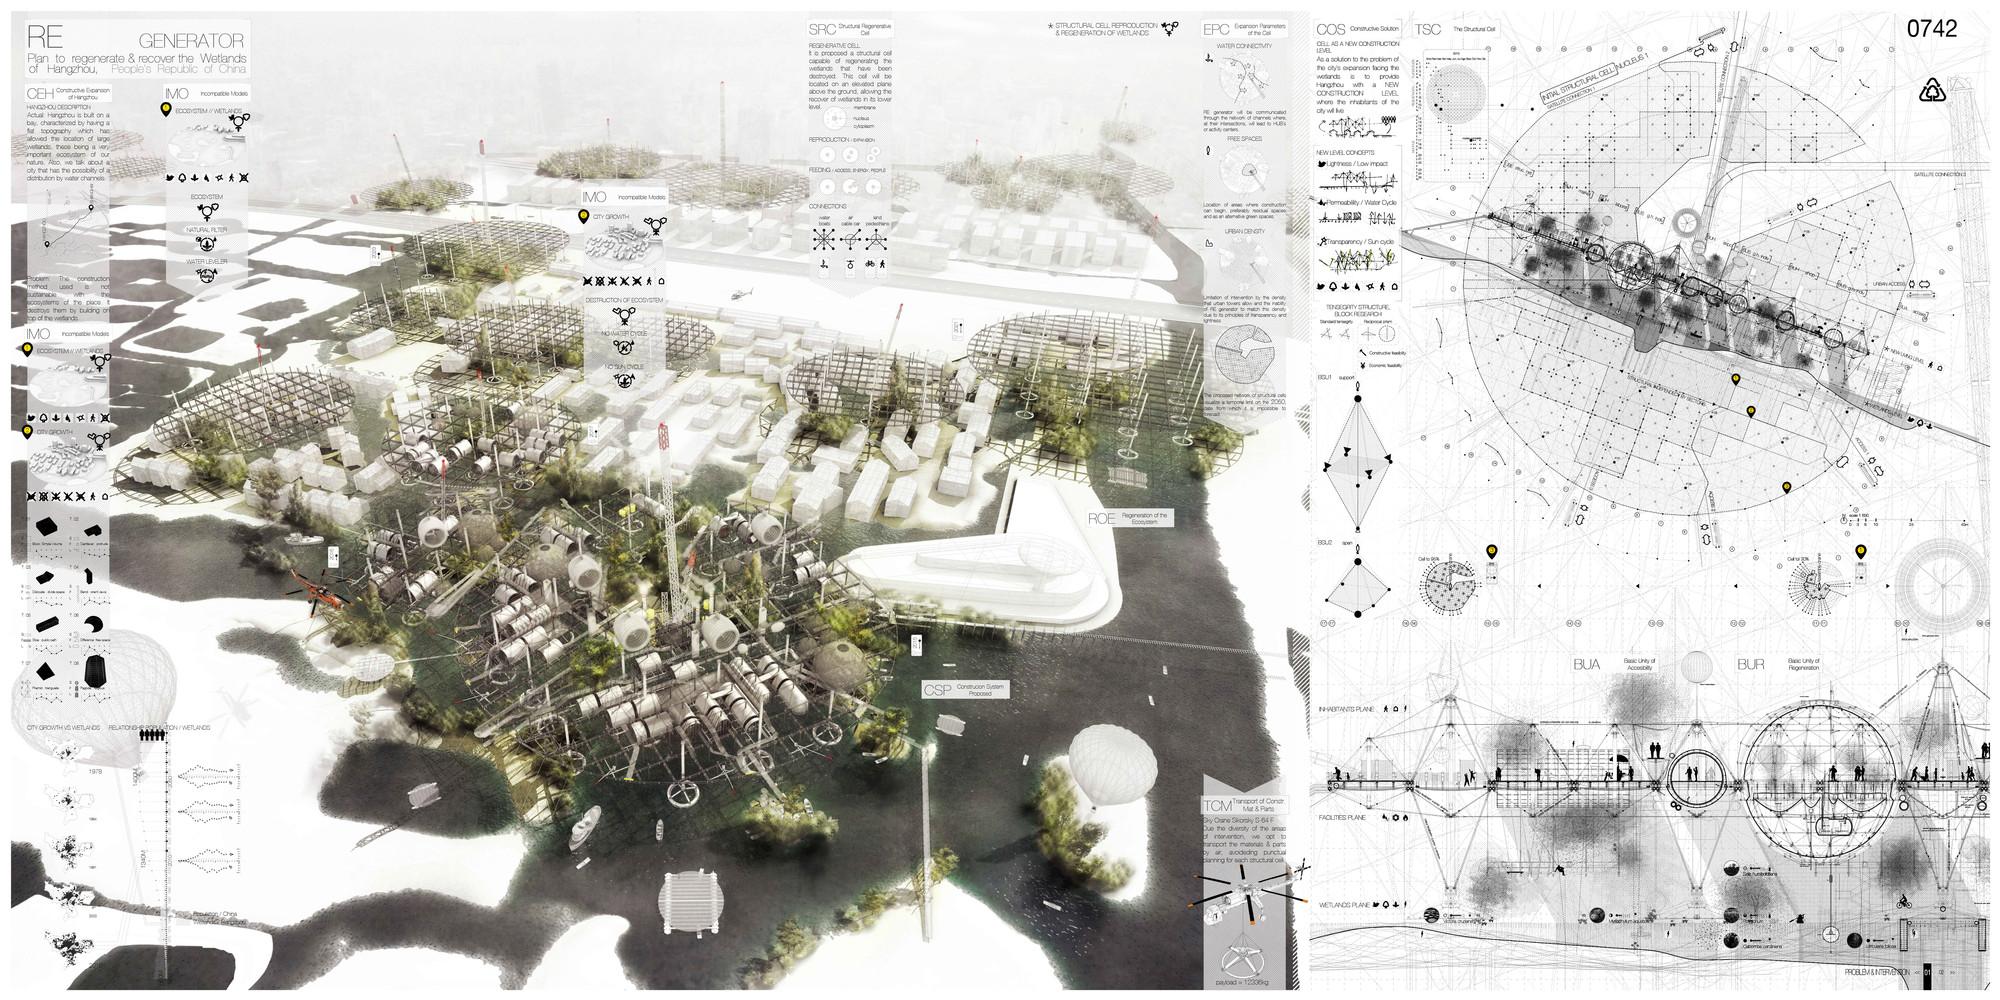 """Mención honrosa: """"Re-Generator Skyscraper: Plan to Regenerate the Wetlands of Hangshou /  Gabriel Munoz Moreno"""". Imagen cortesía de eVolo"""